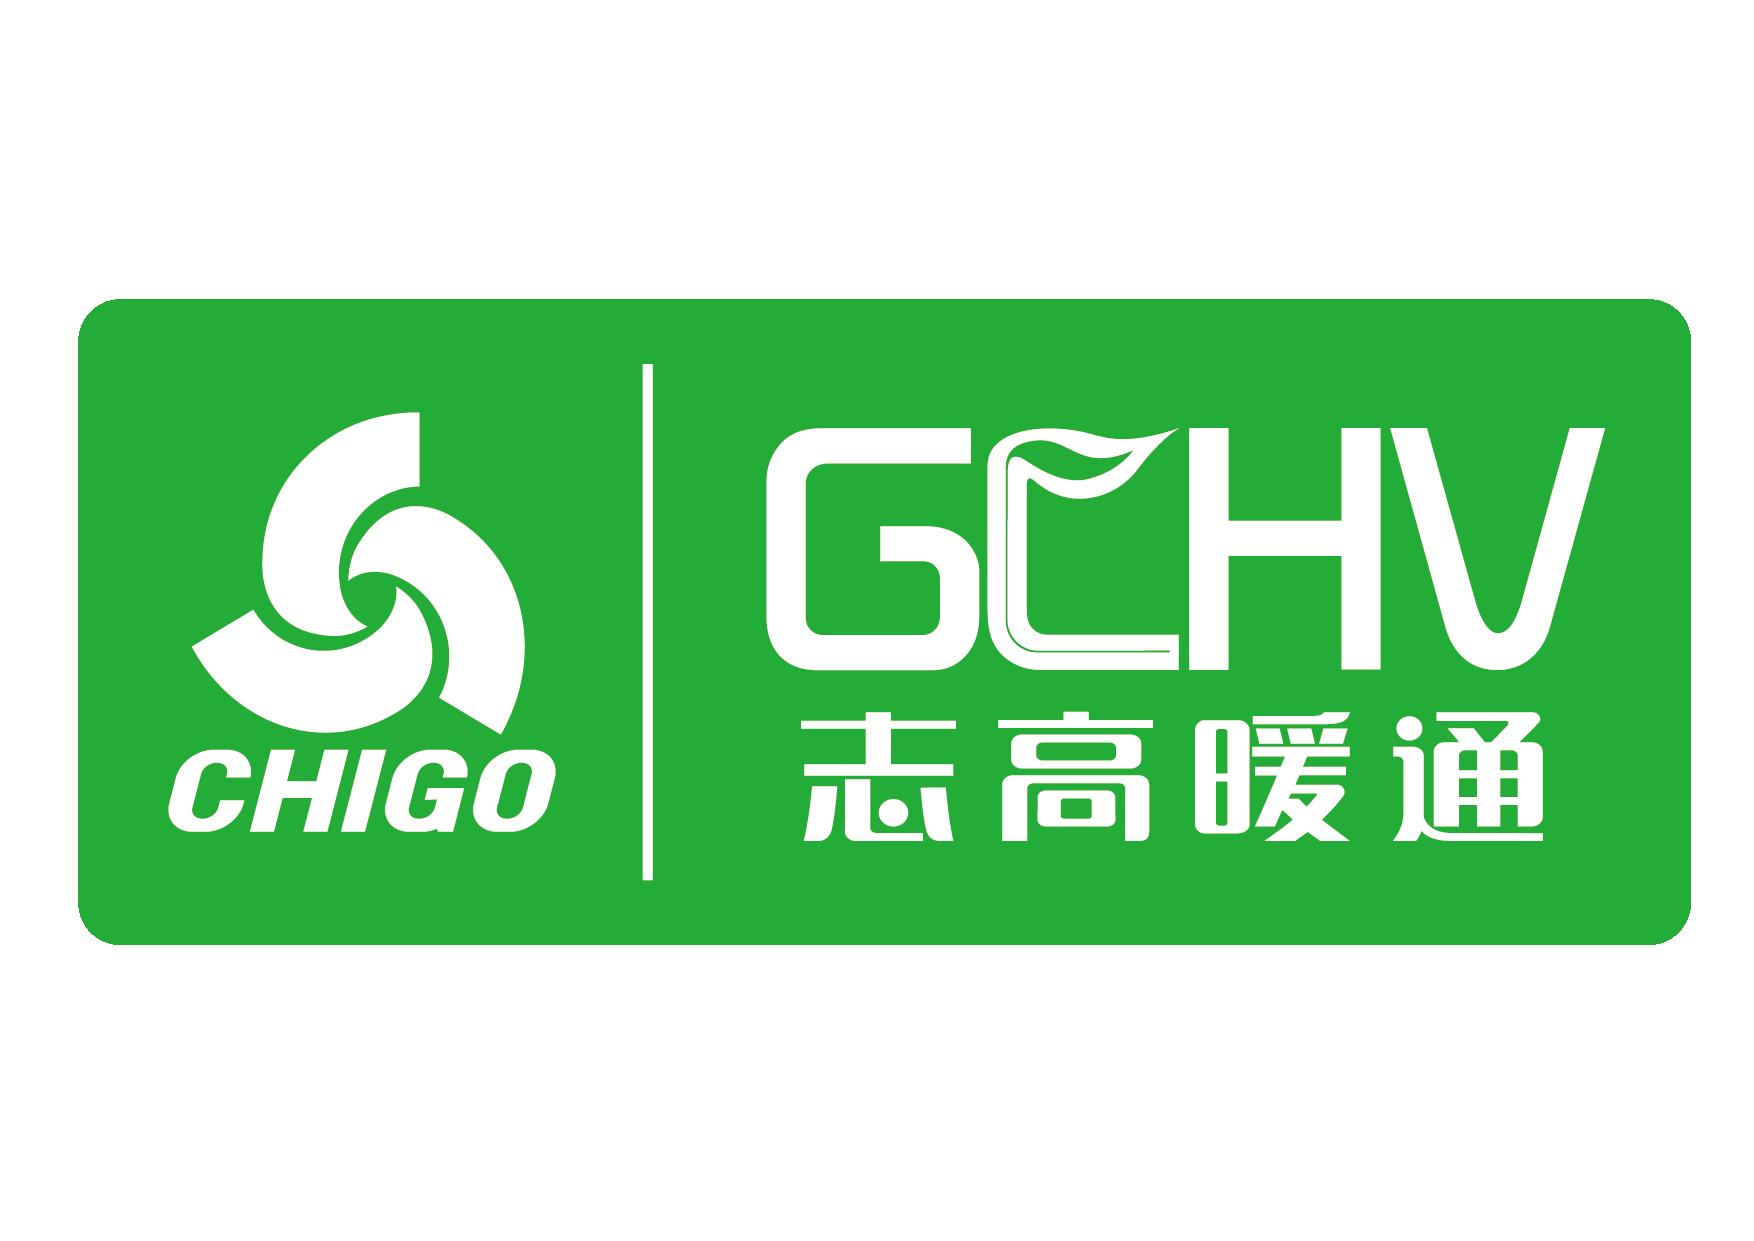 廣東志高暖通設備股份有限公司